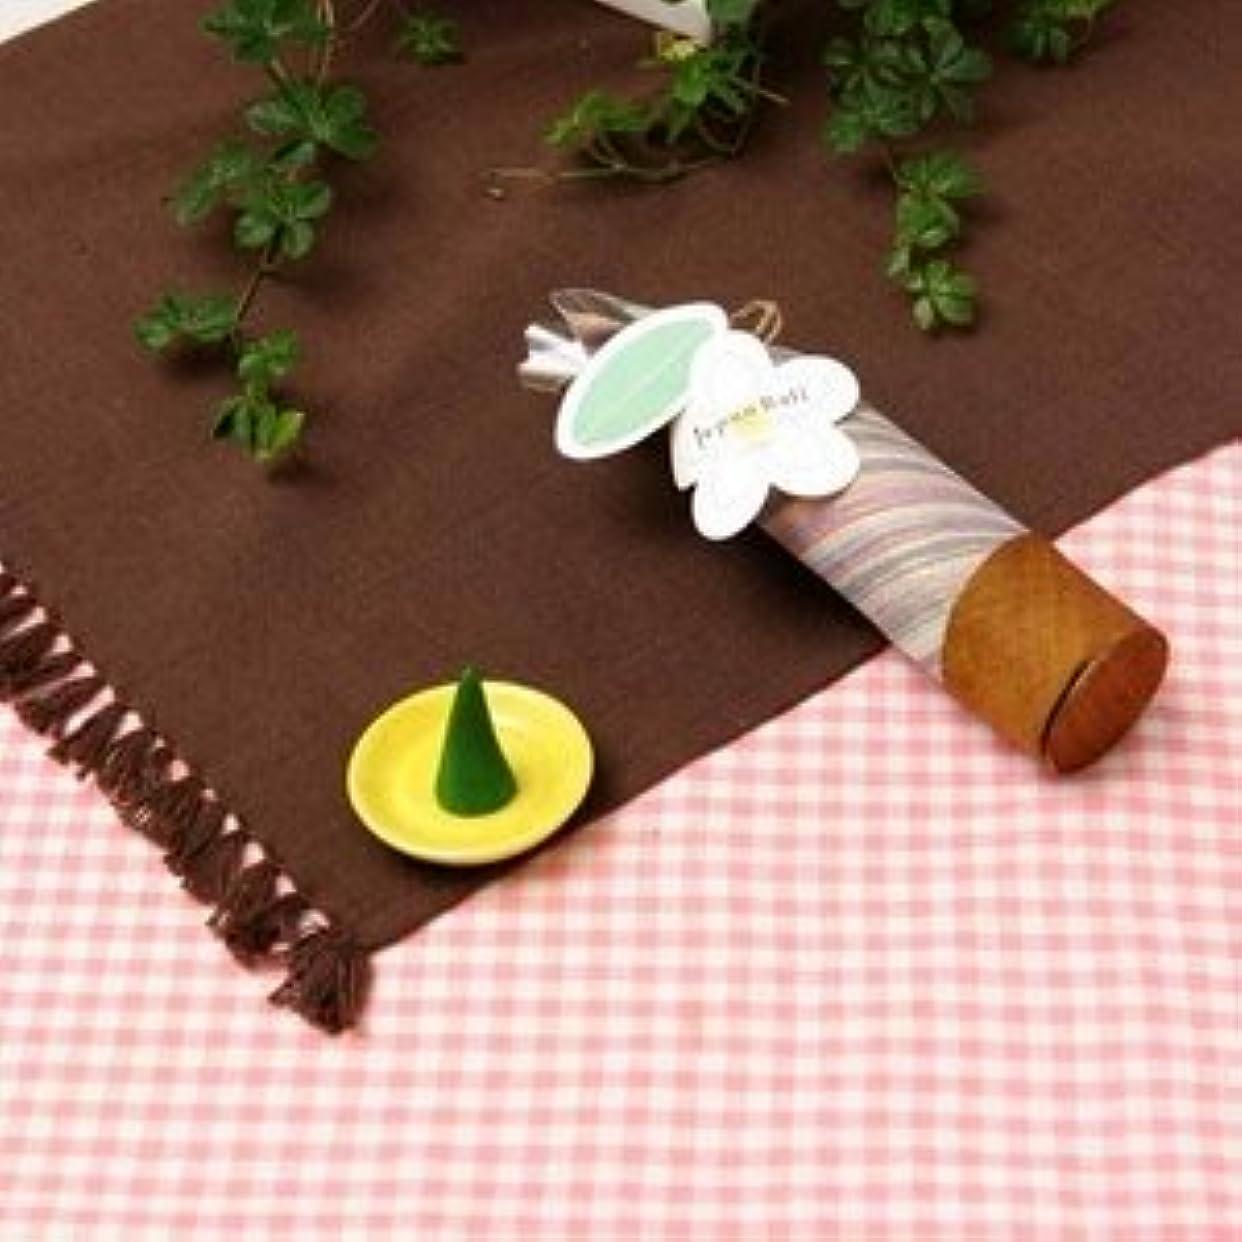 学者ピクニック眩惑するJupen Bari(ジュプン バリ) ロータス(太古の昔から現代に息づく永遠の花)